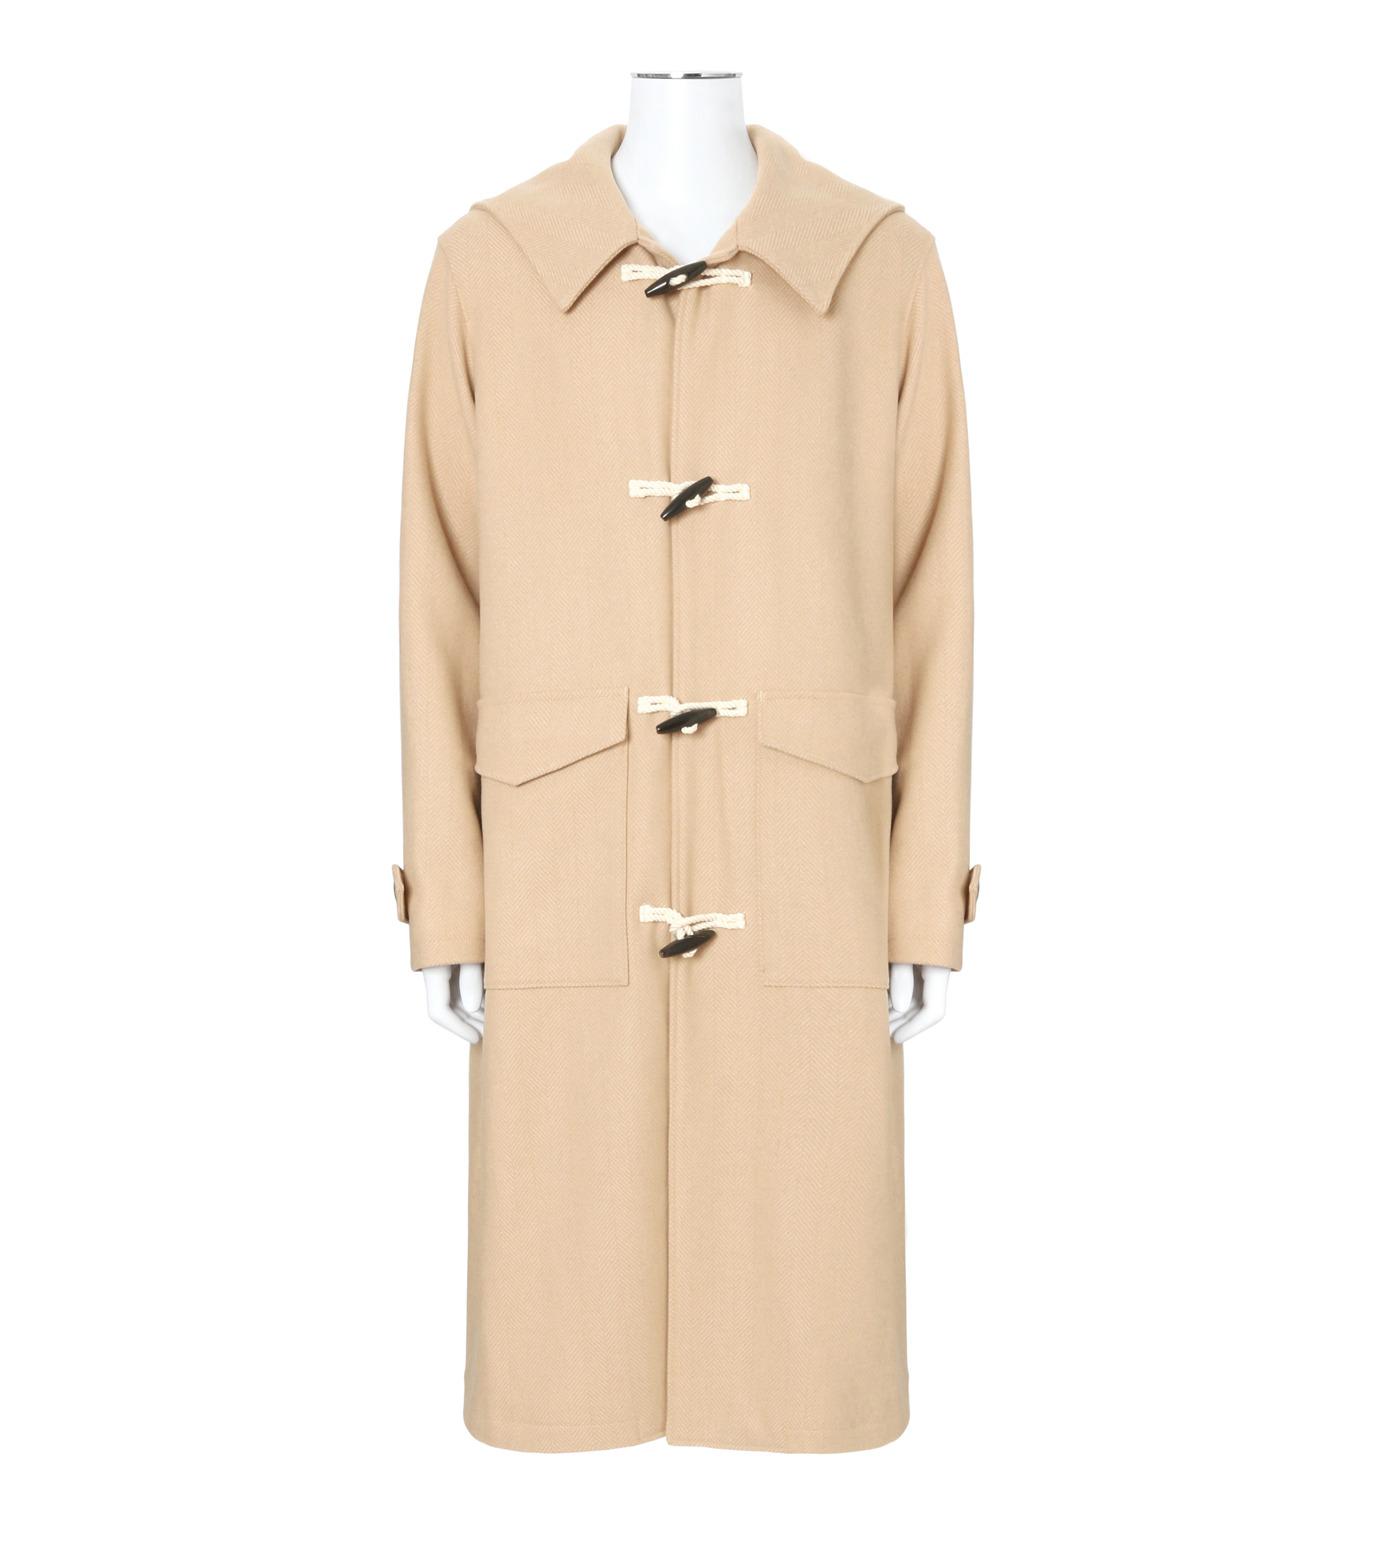 DRESSEDUNDRESSED(ドレスドアンドレスド)のMelton Wool Duffle Coat-BEIGE(コート/coat)-DUW16551-52 拡大詳細画像1